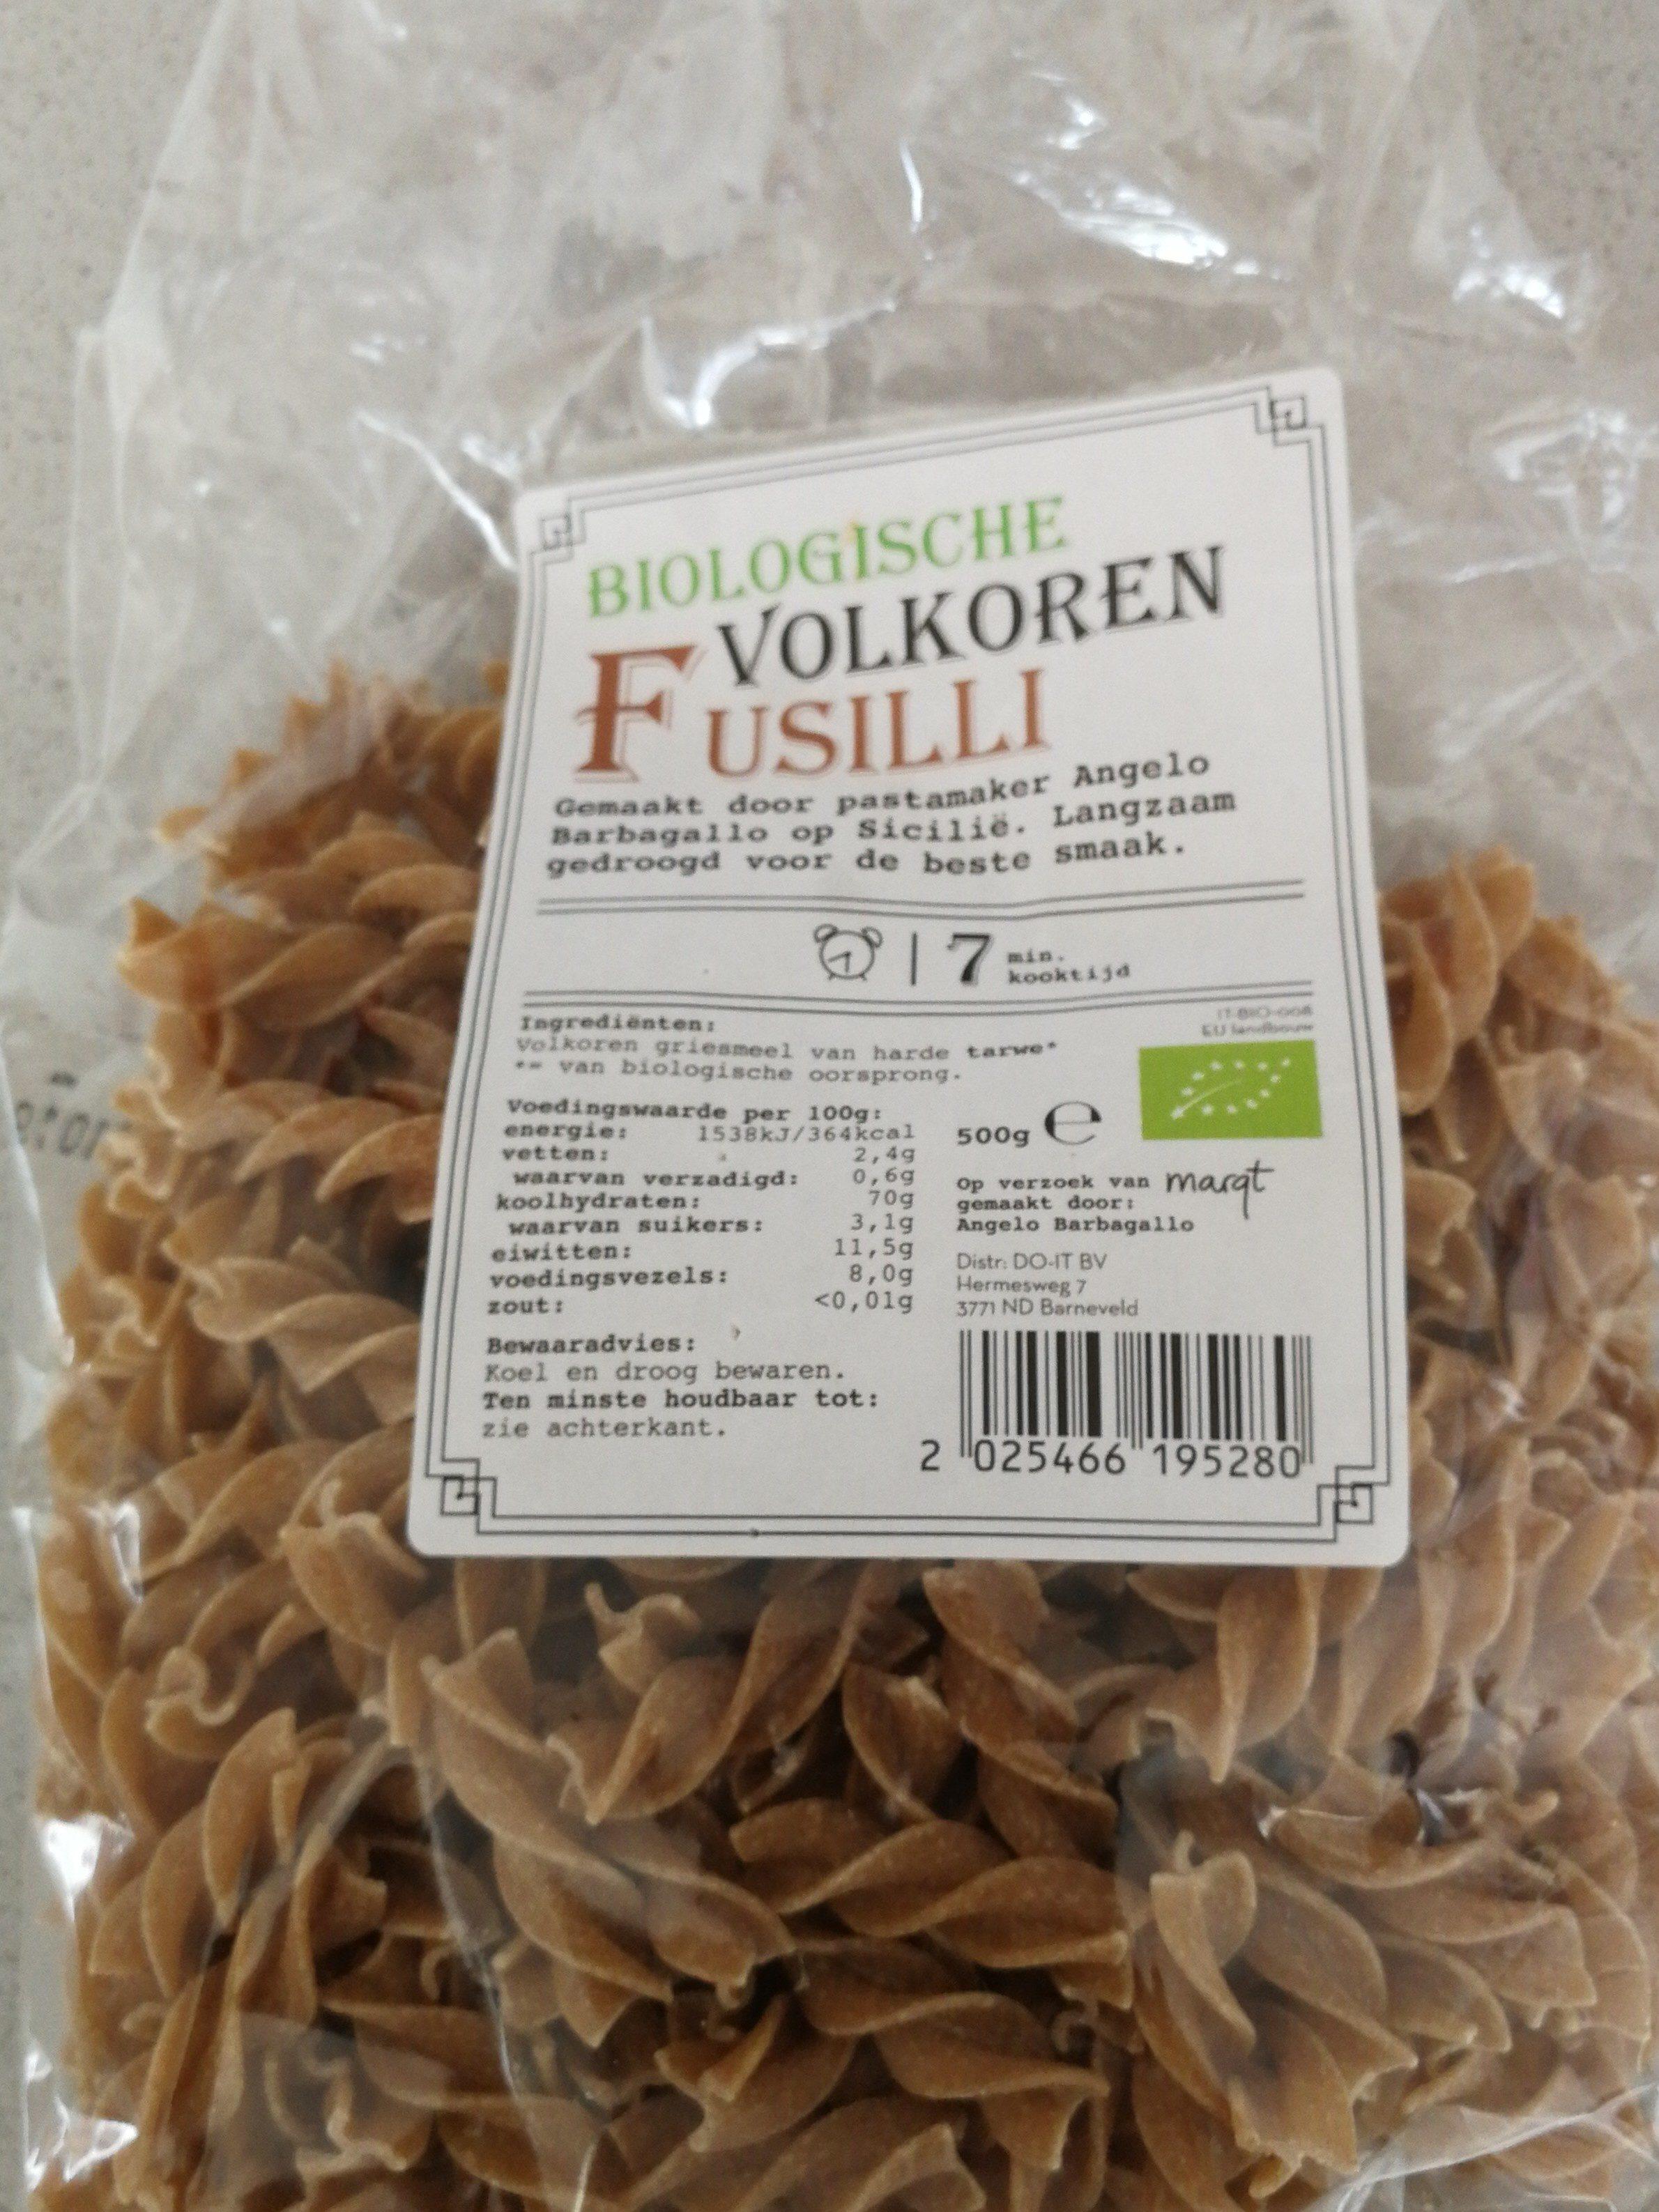 Fusili - Product - nl